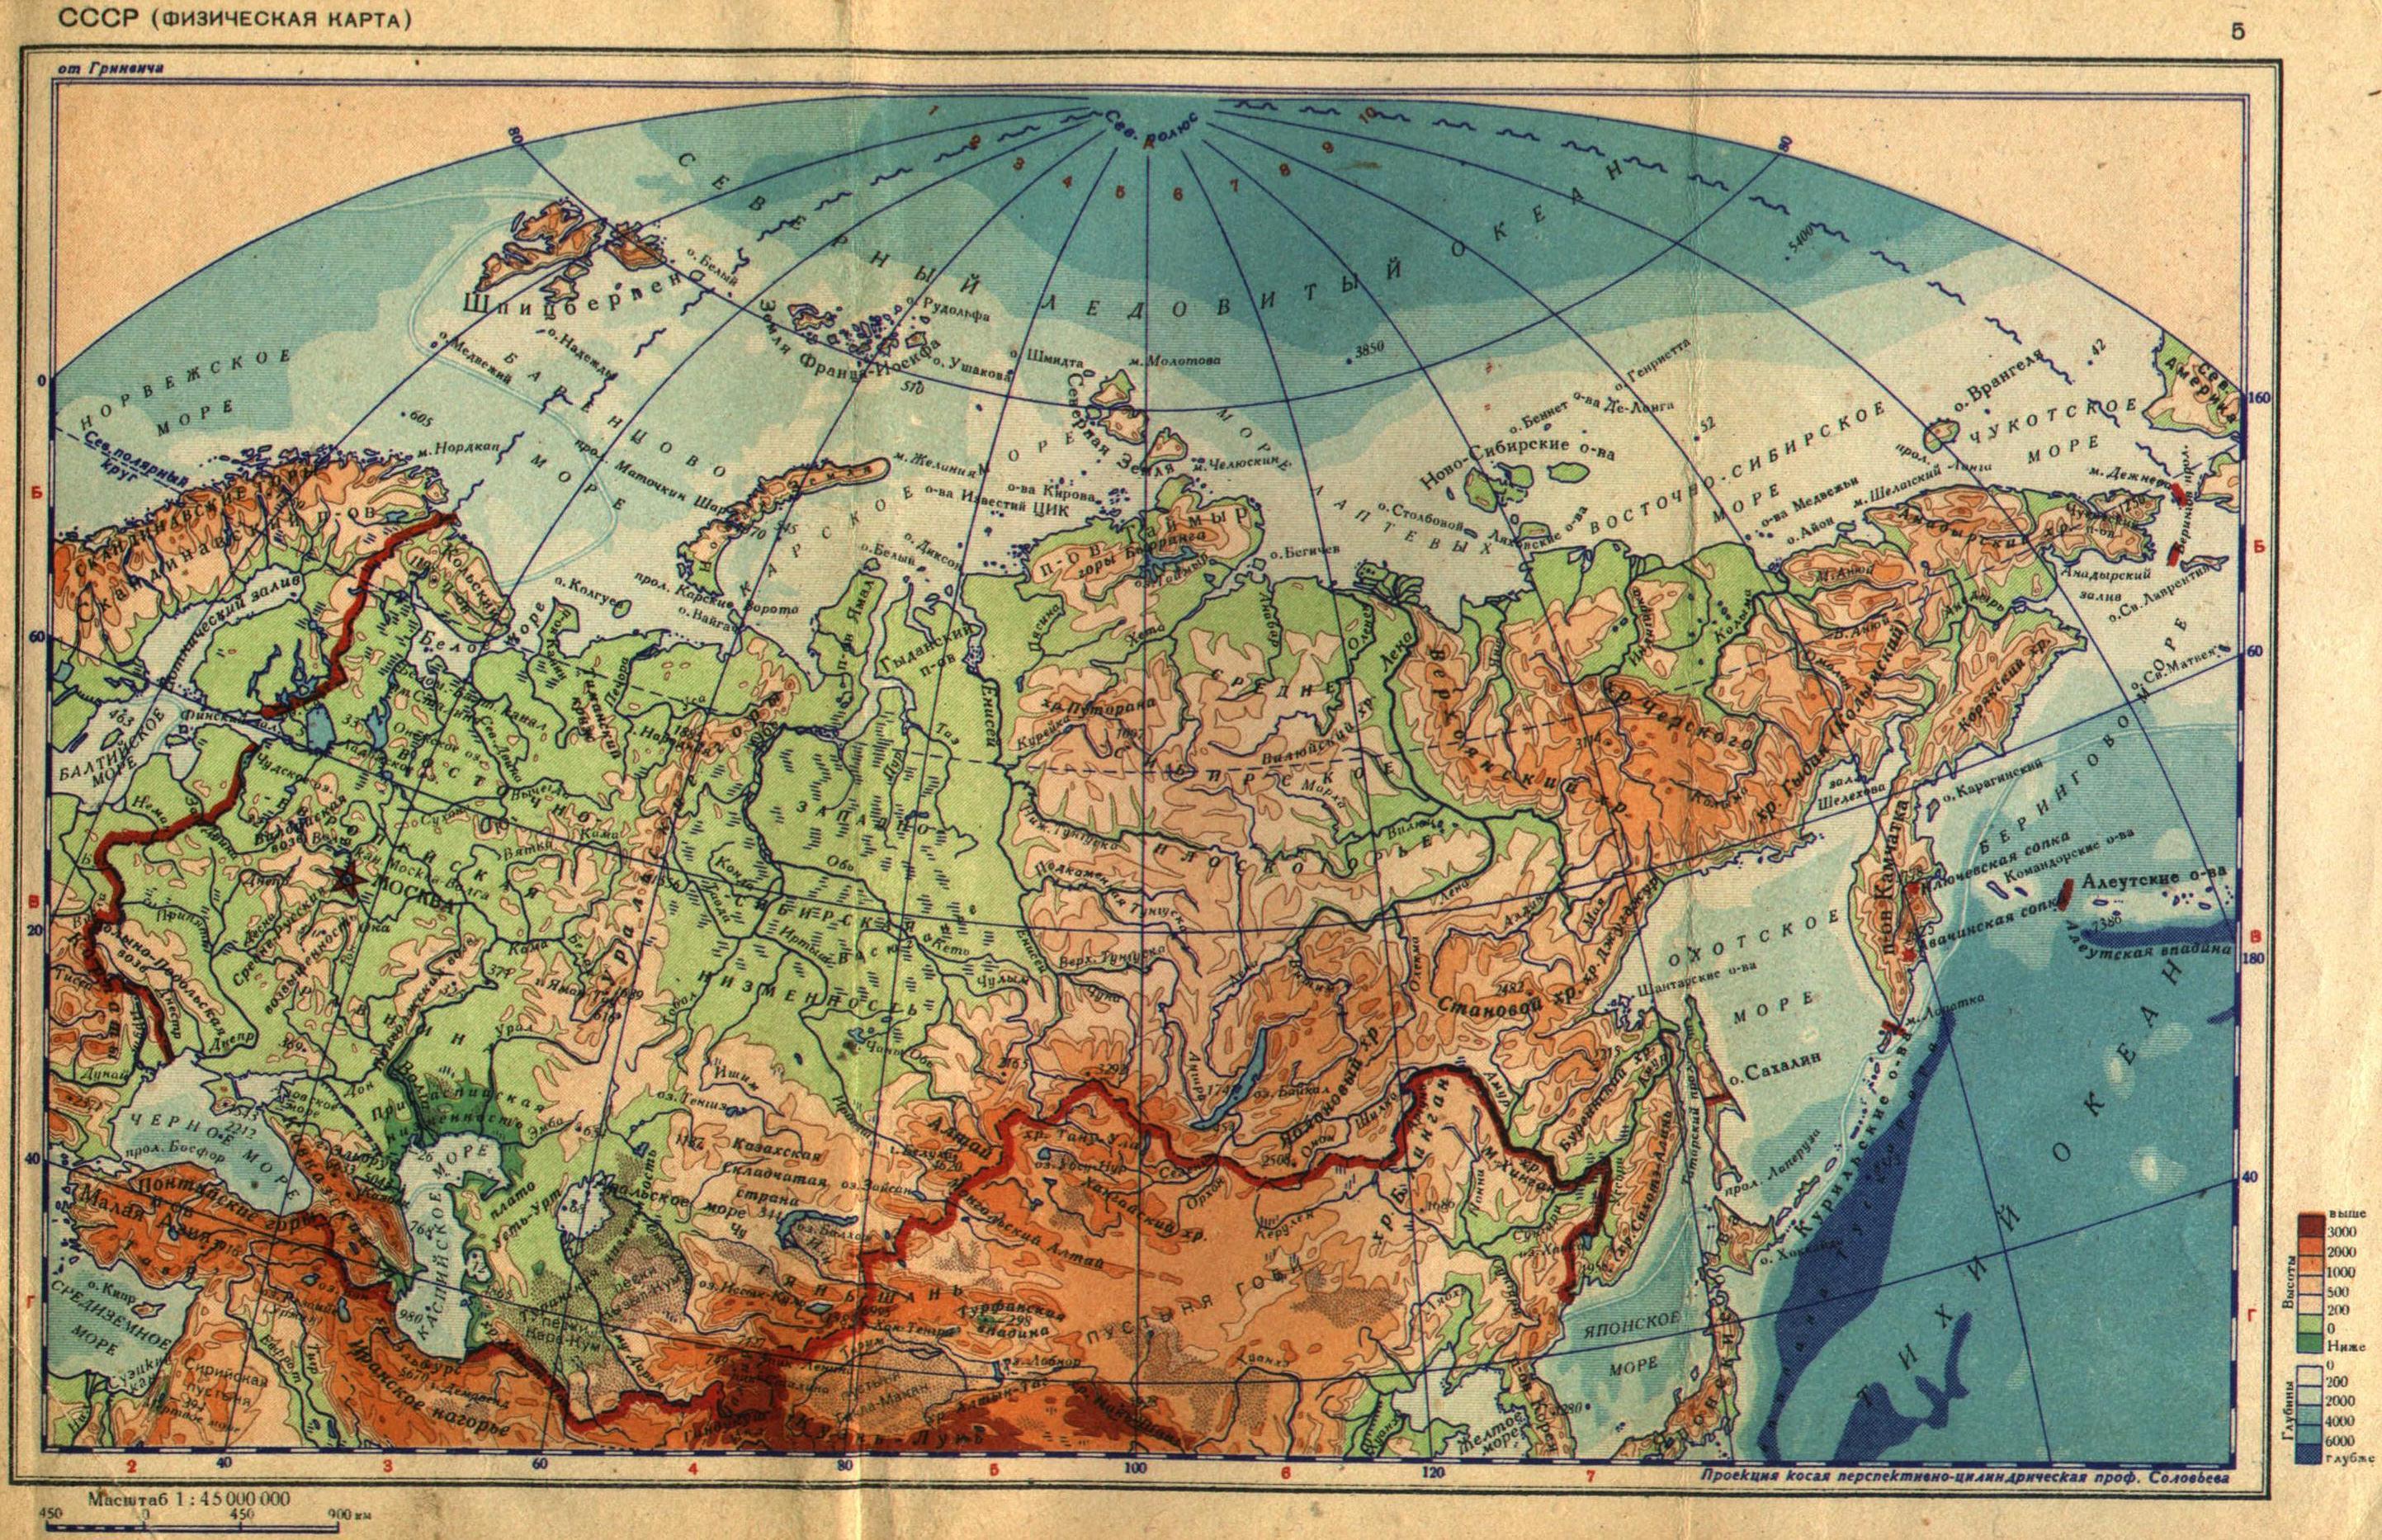 Физическая карта ссср масштаб 1 45 000 000